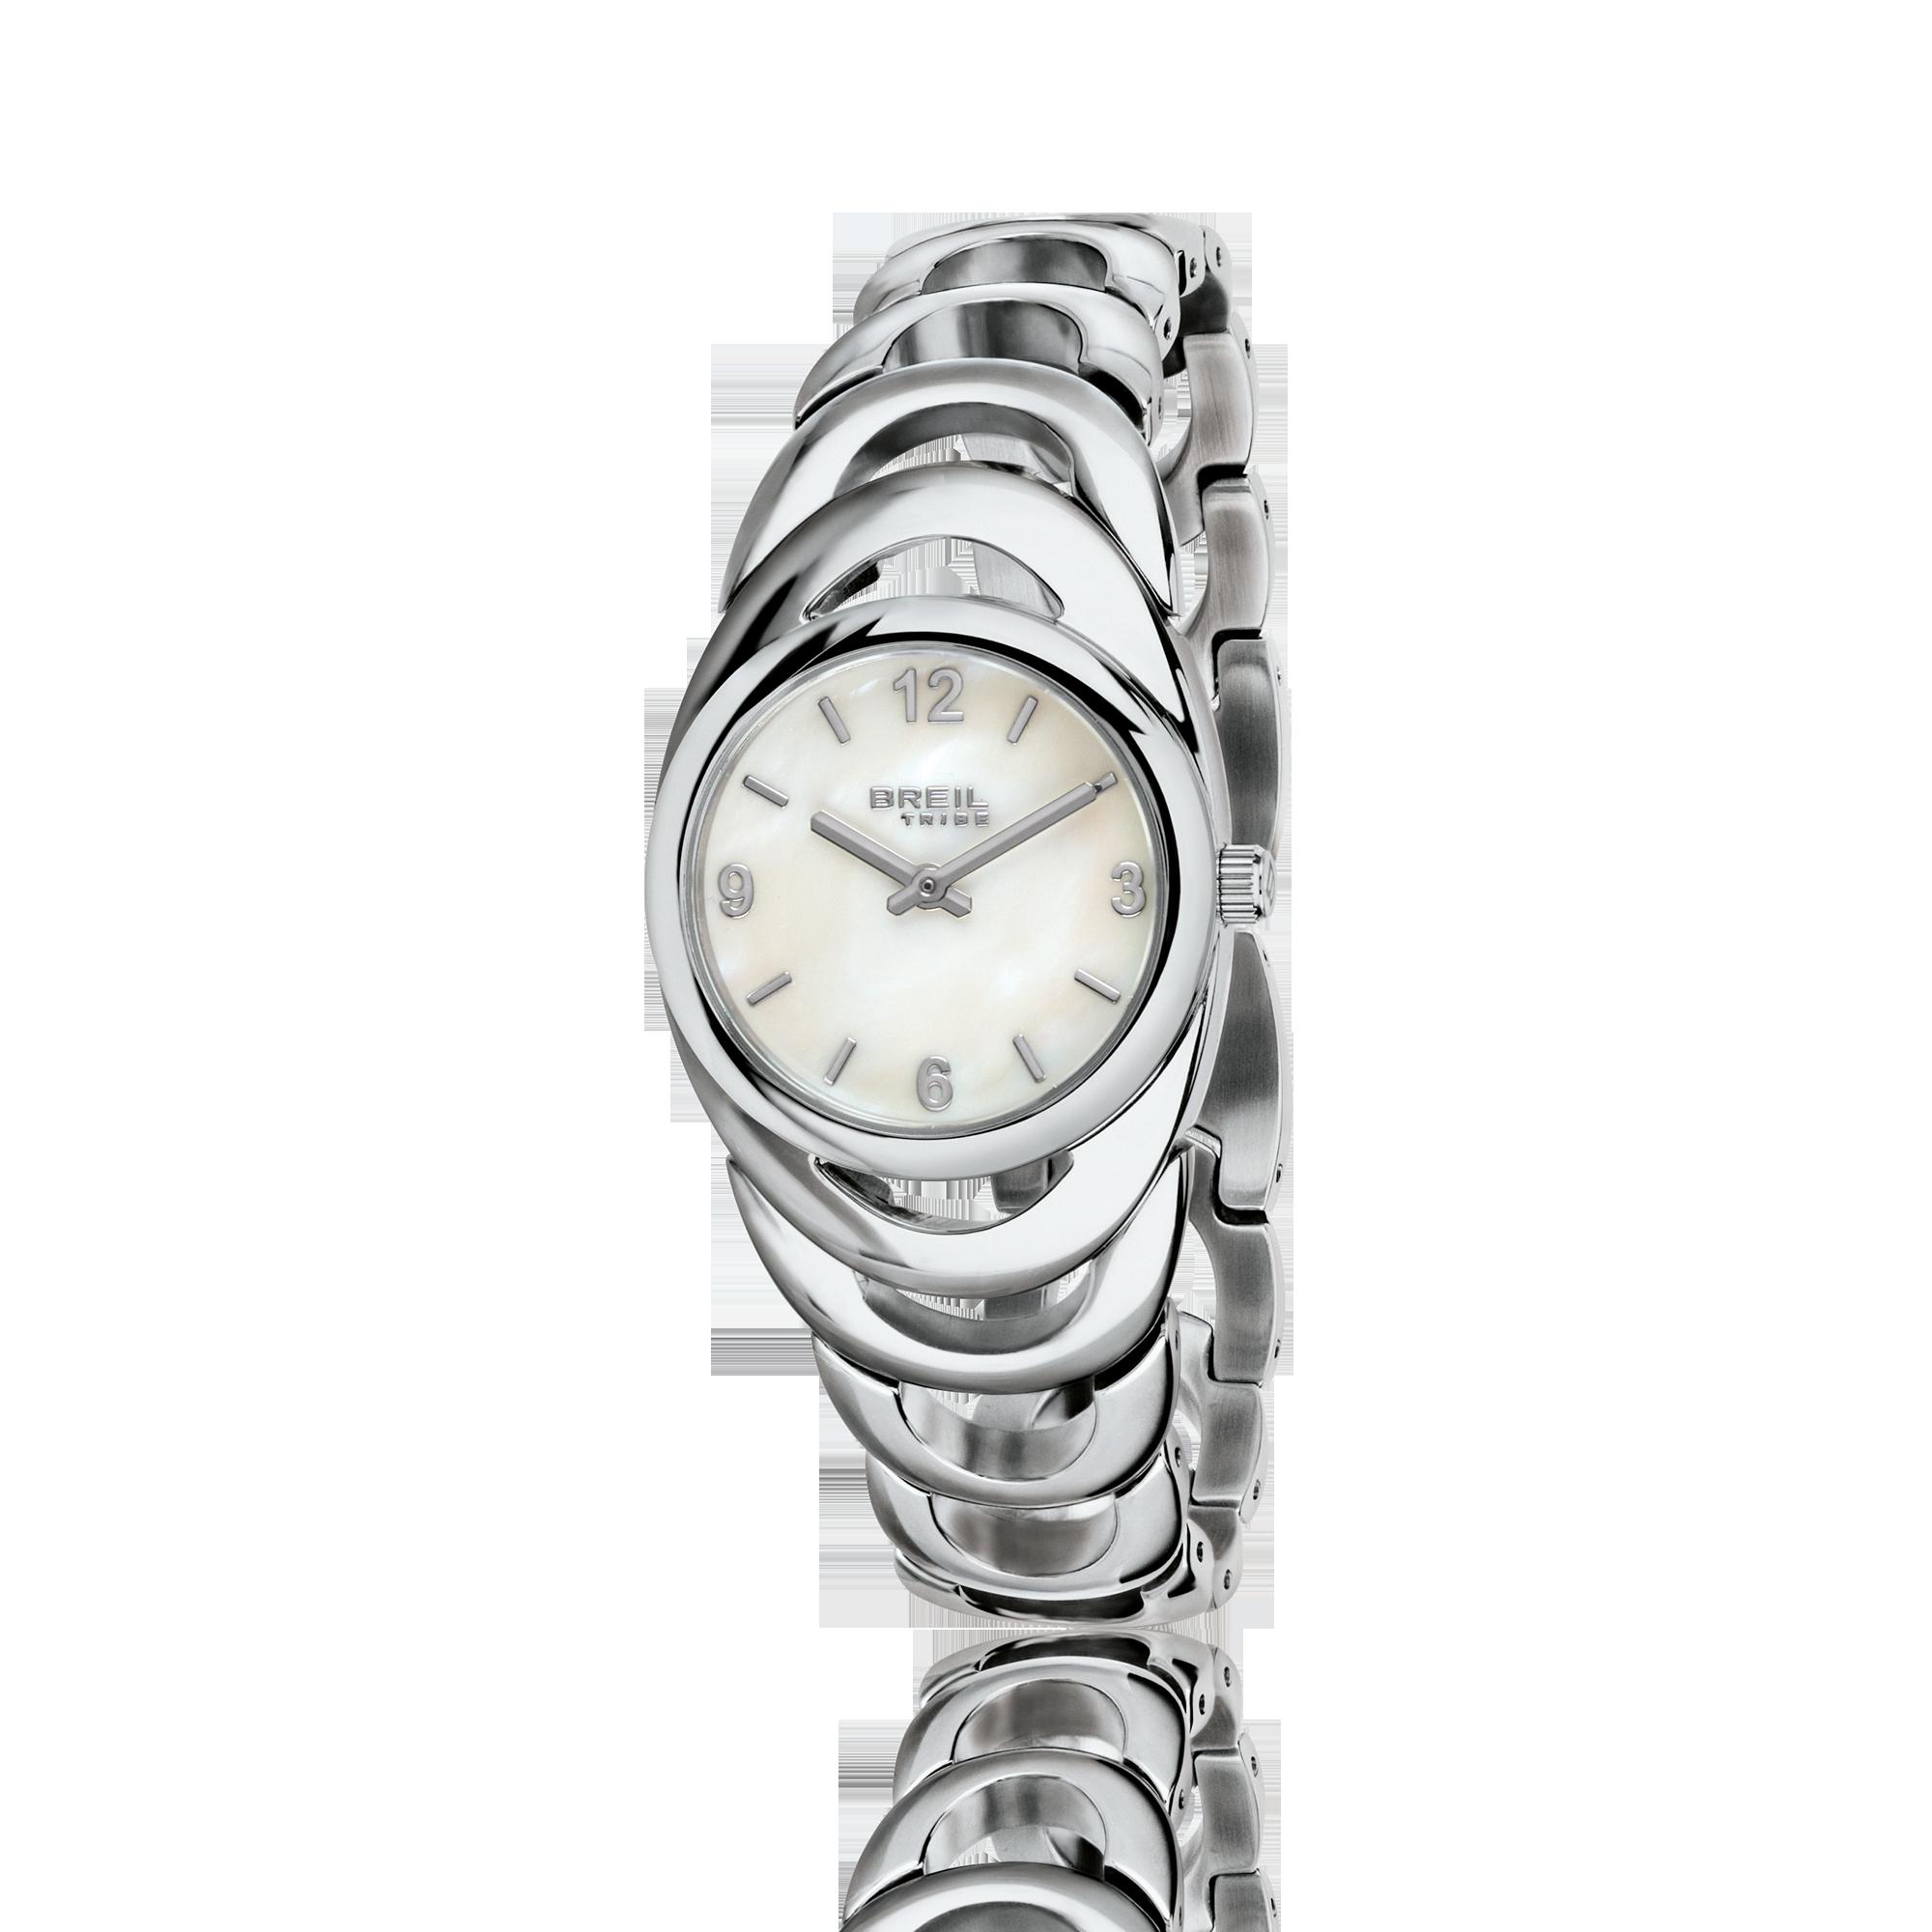 Orologio solo tempo da donna breil in offerta da for Immagini orologi da polso